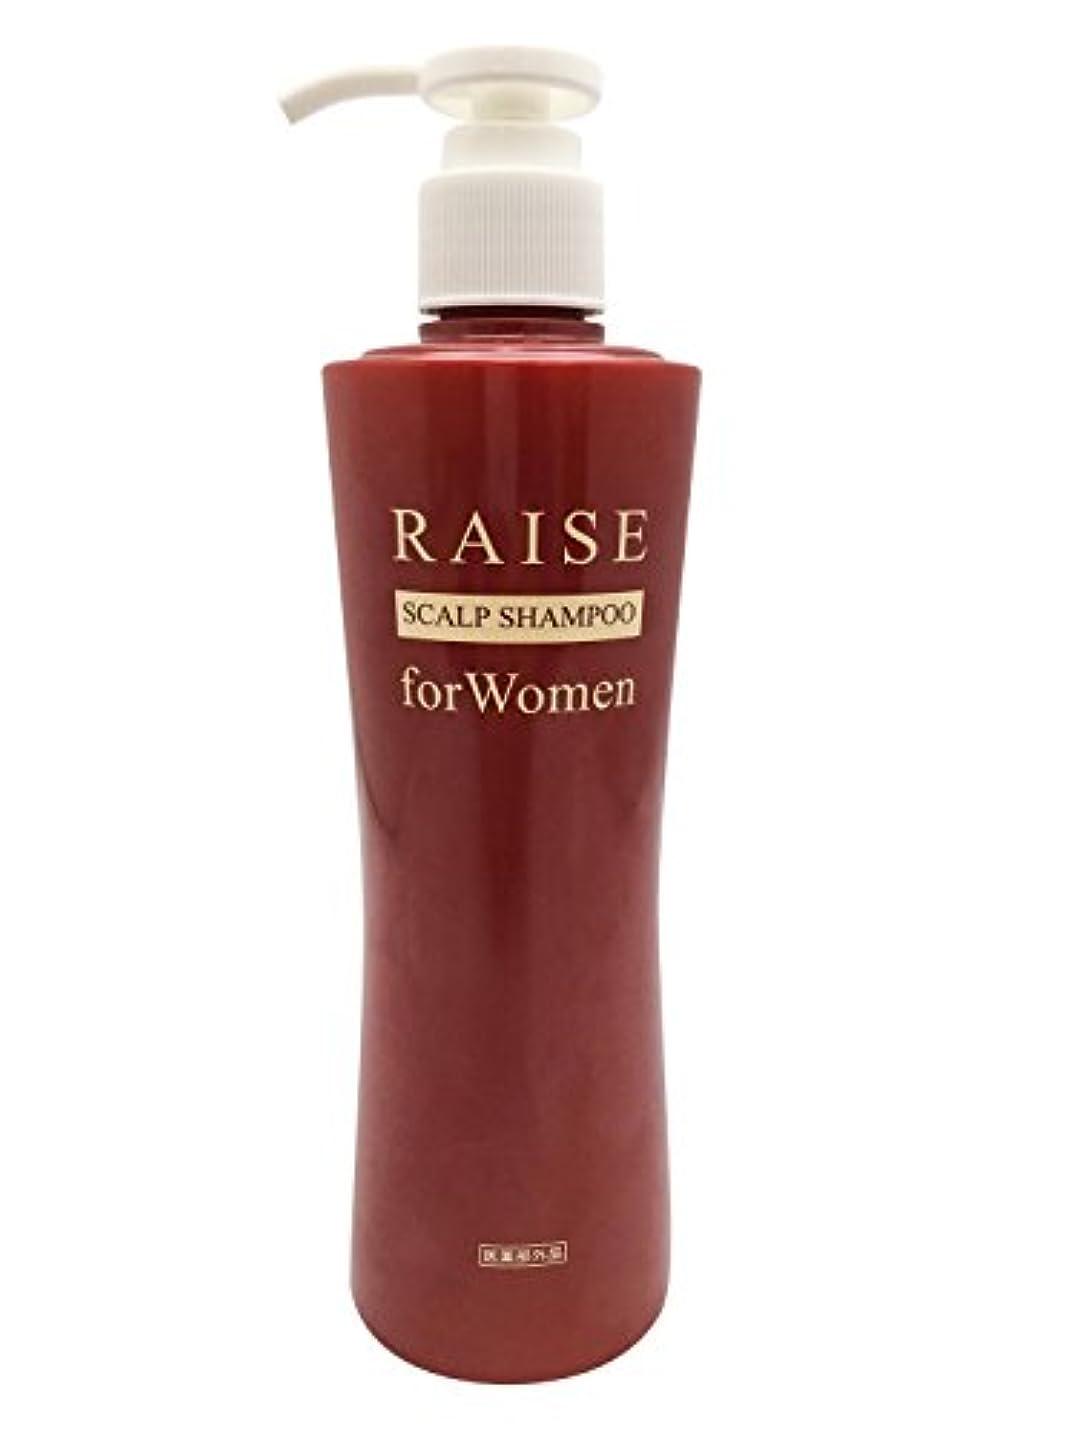 予報コードレス直立RAISE スカルプシャンプー for Women 【医薬部外品】